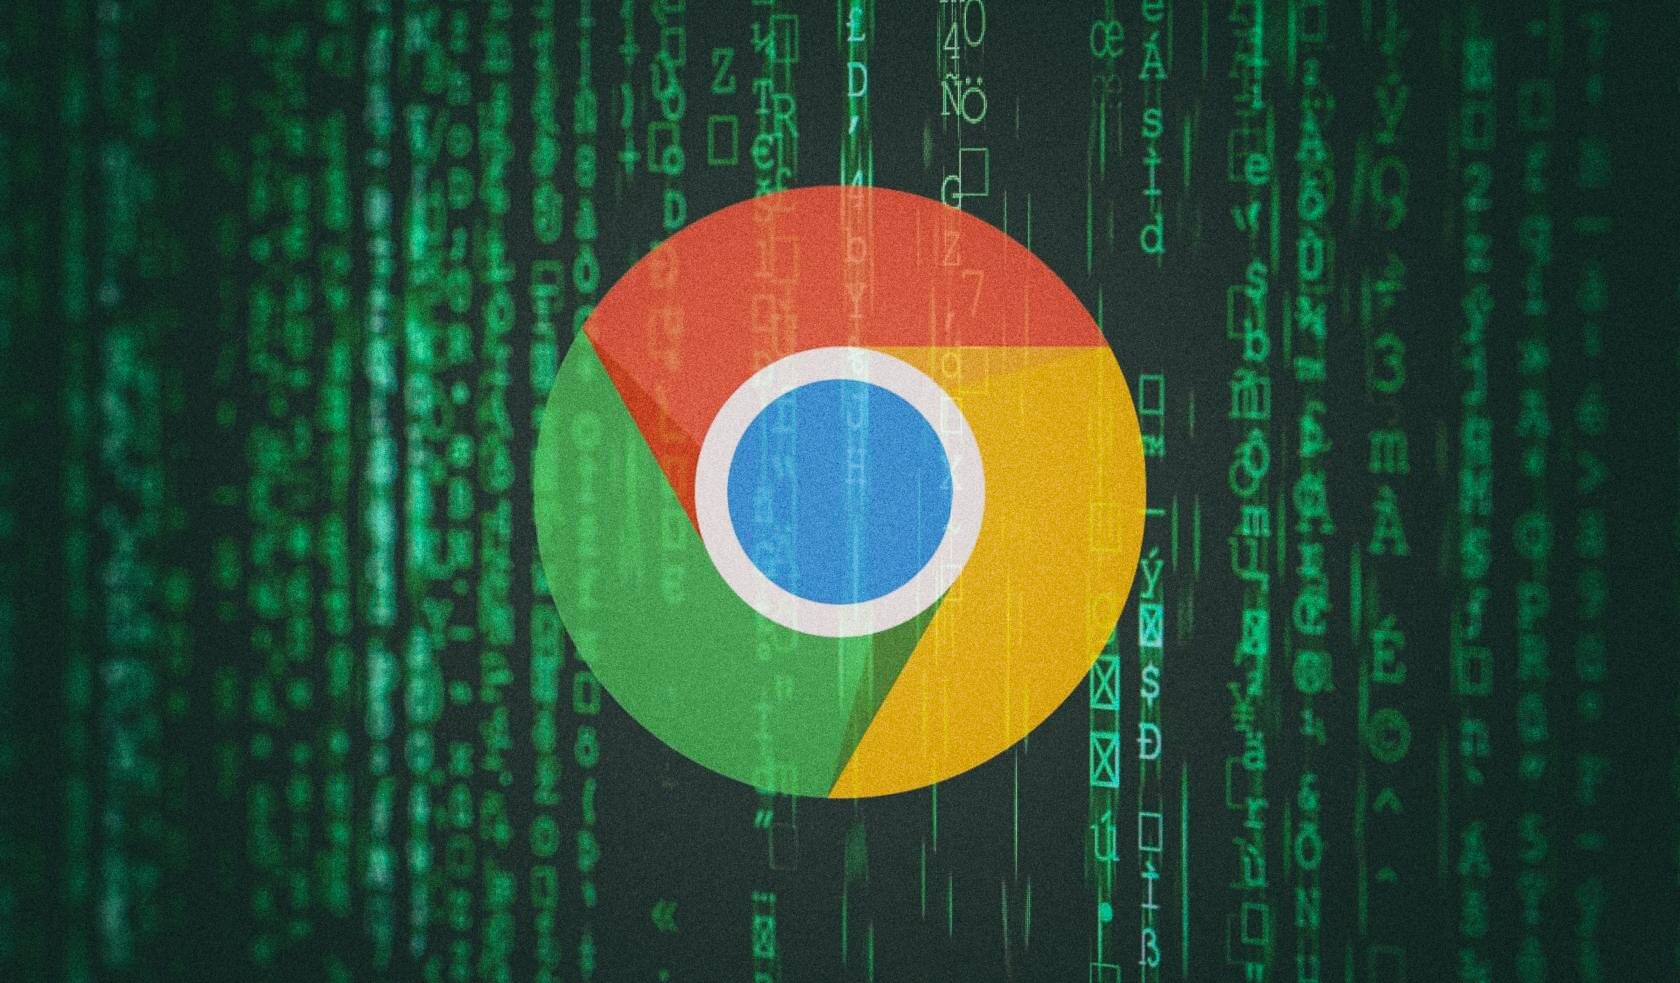 Угрозы безопасности, о которых пользователи Googale Chrome должны знать в 2019 году